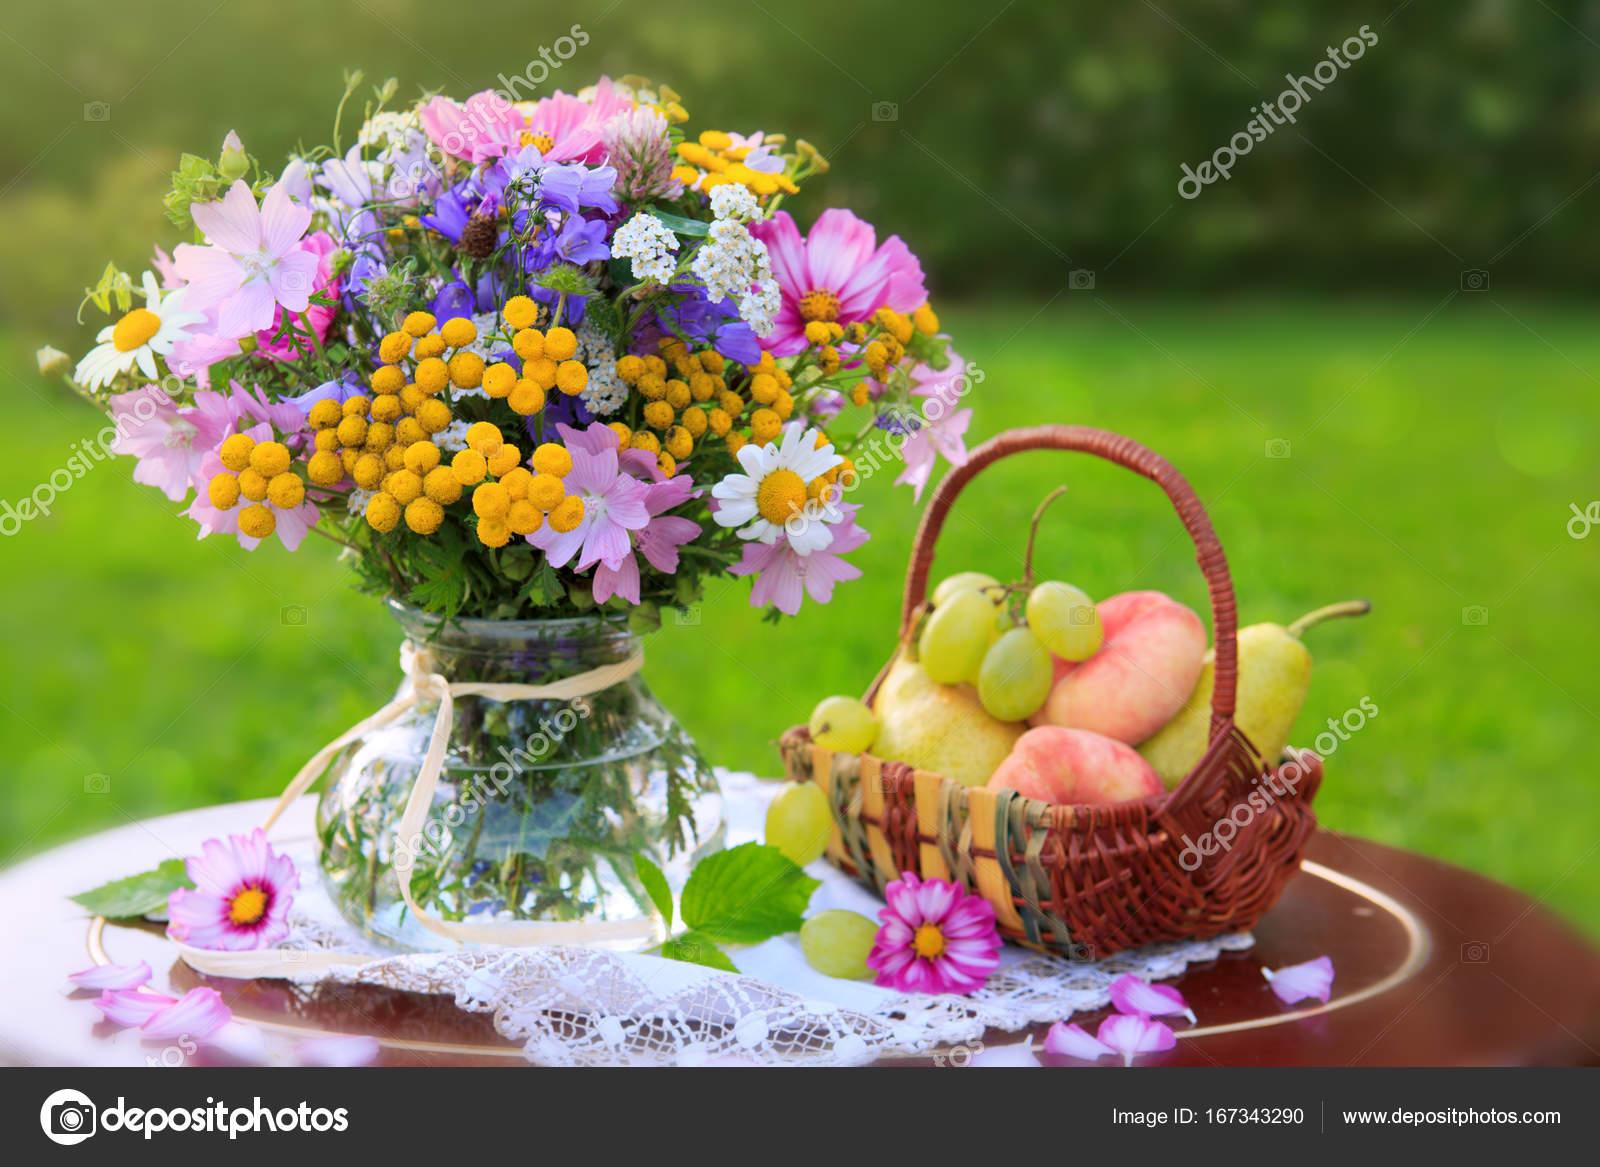 Bouquet des fleurs sauvages colorées et corbeille de fruits. — Photographie swkunst © #167343290